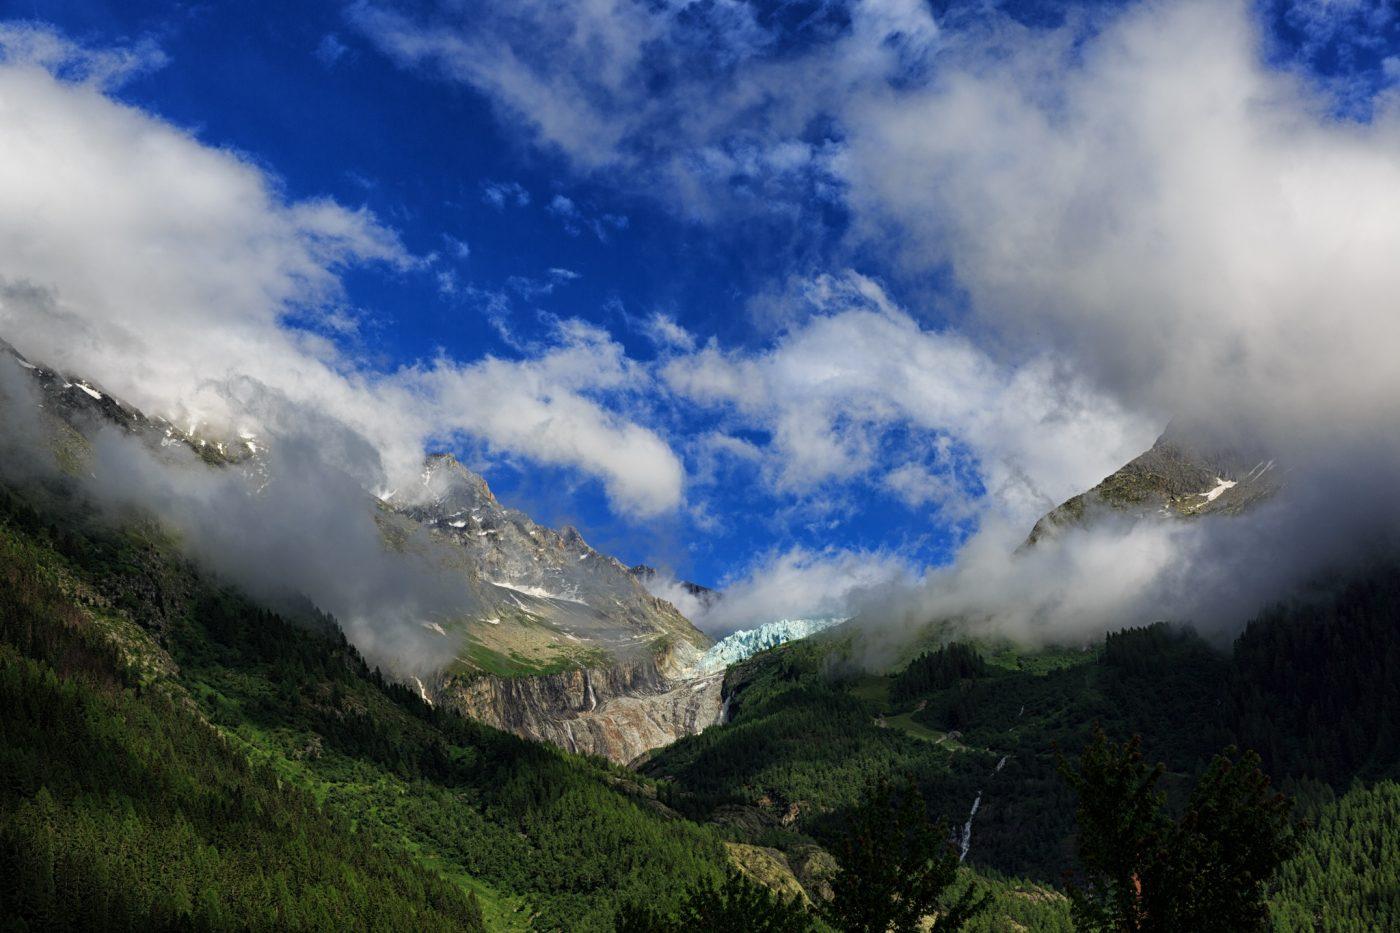 Der Abbruch des Glacier d'Argentière leuchtet türkis zwischen den Felsen. In Argentière rissen die Wolken am Abend kurz auf, bevor wieder alles im Einheitsgrau verschwand.